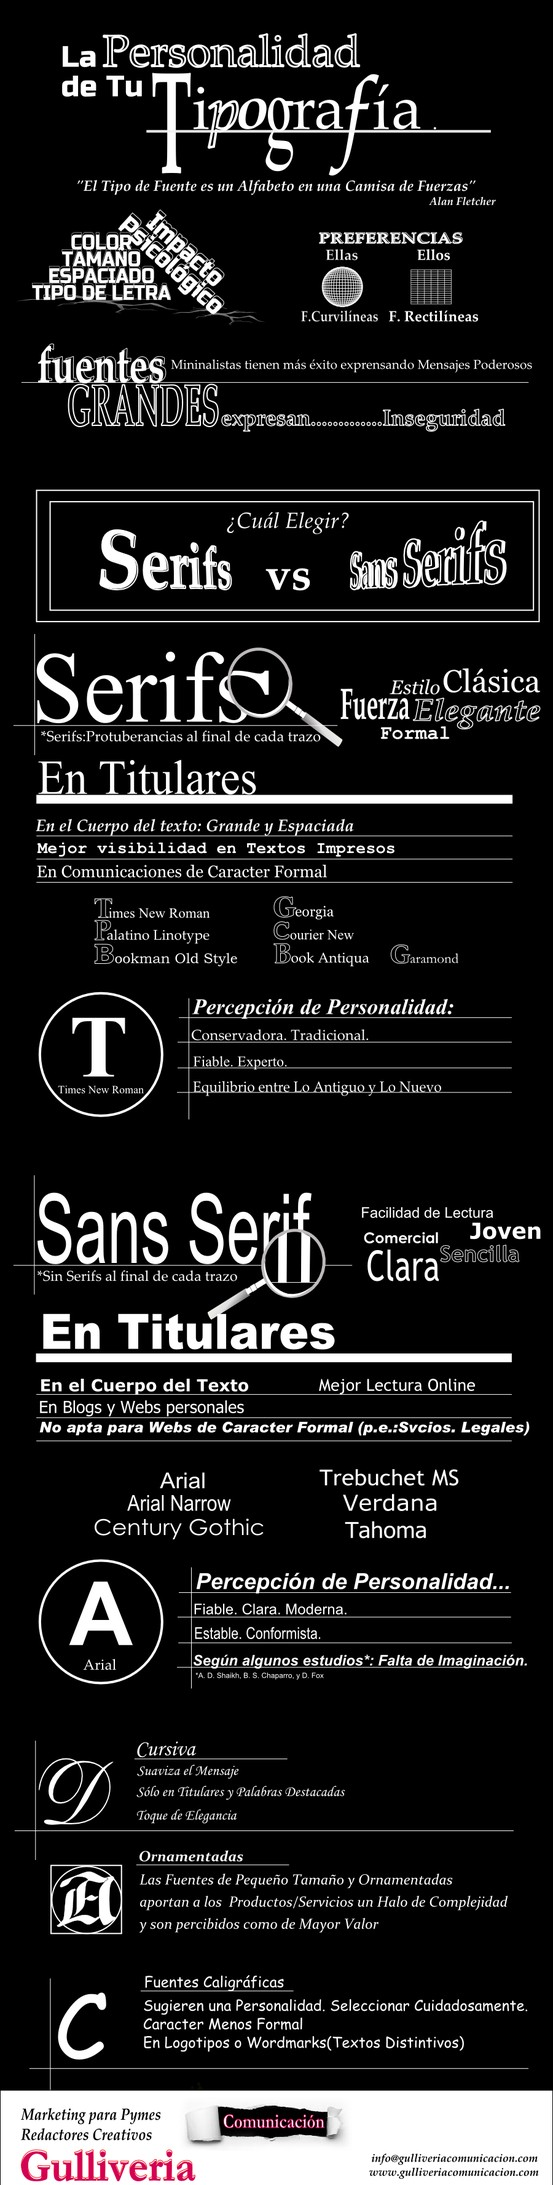 La personalidad de tu tipografía